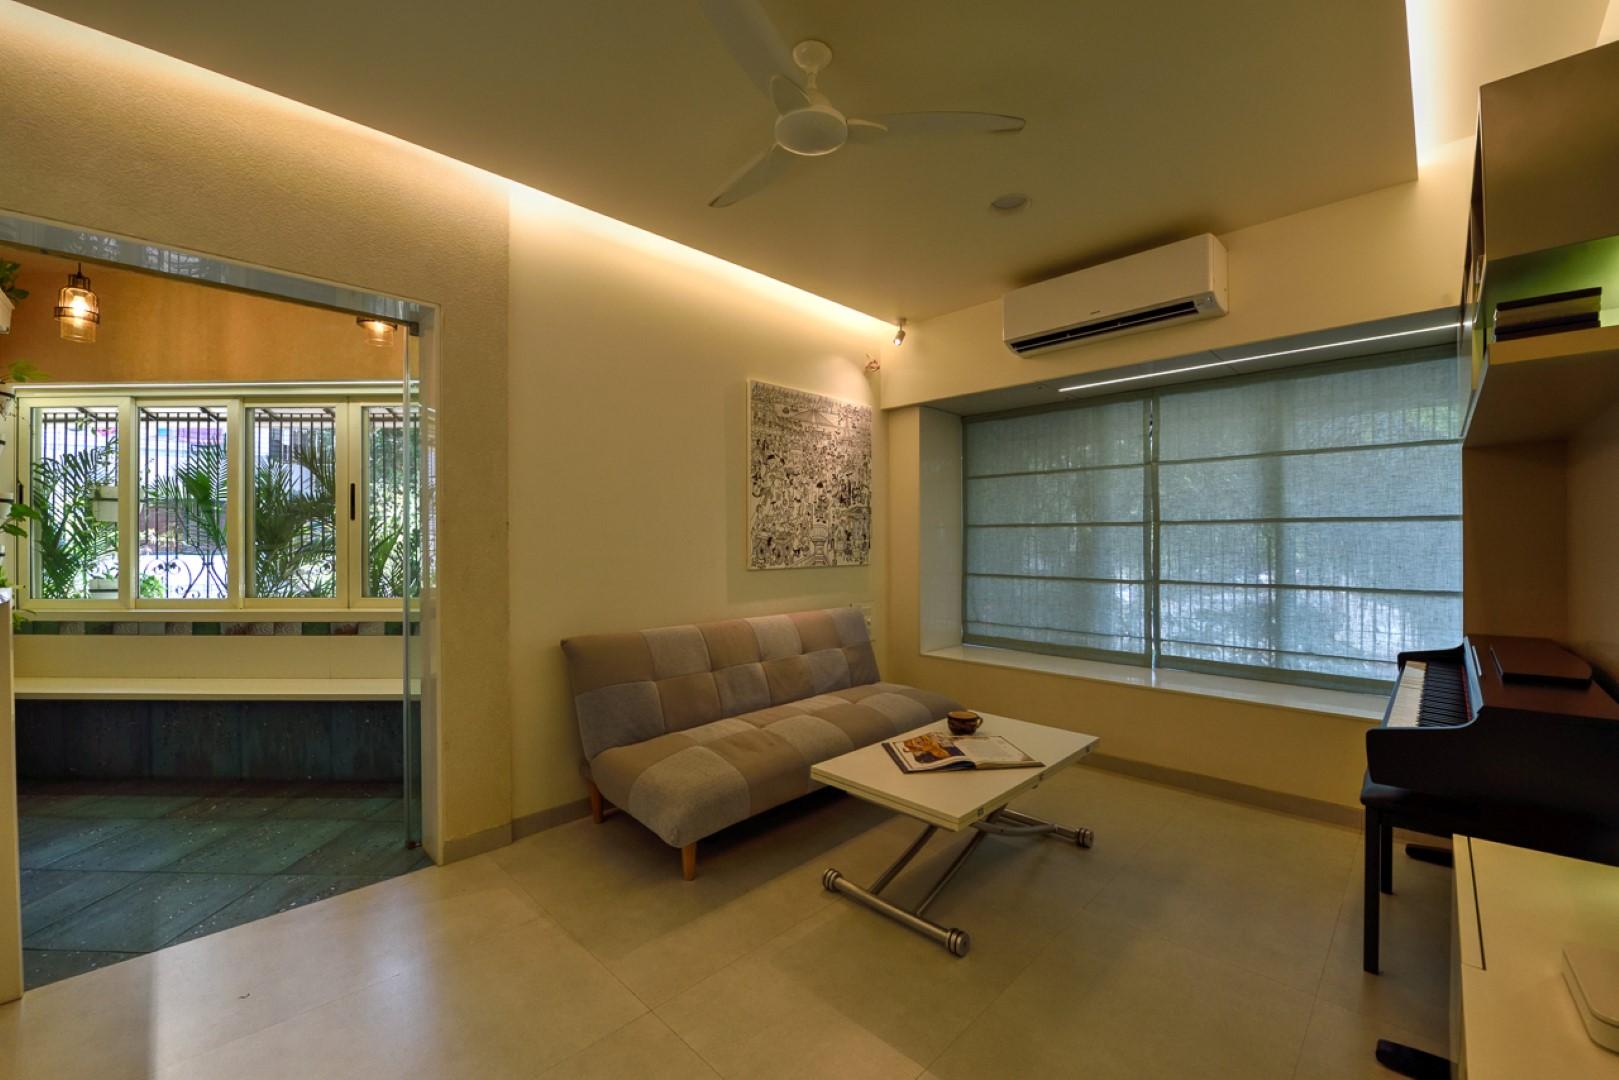 Clutter free 500 apartment interior rathod 39 s - 500 square foot apartment ...